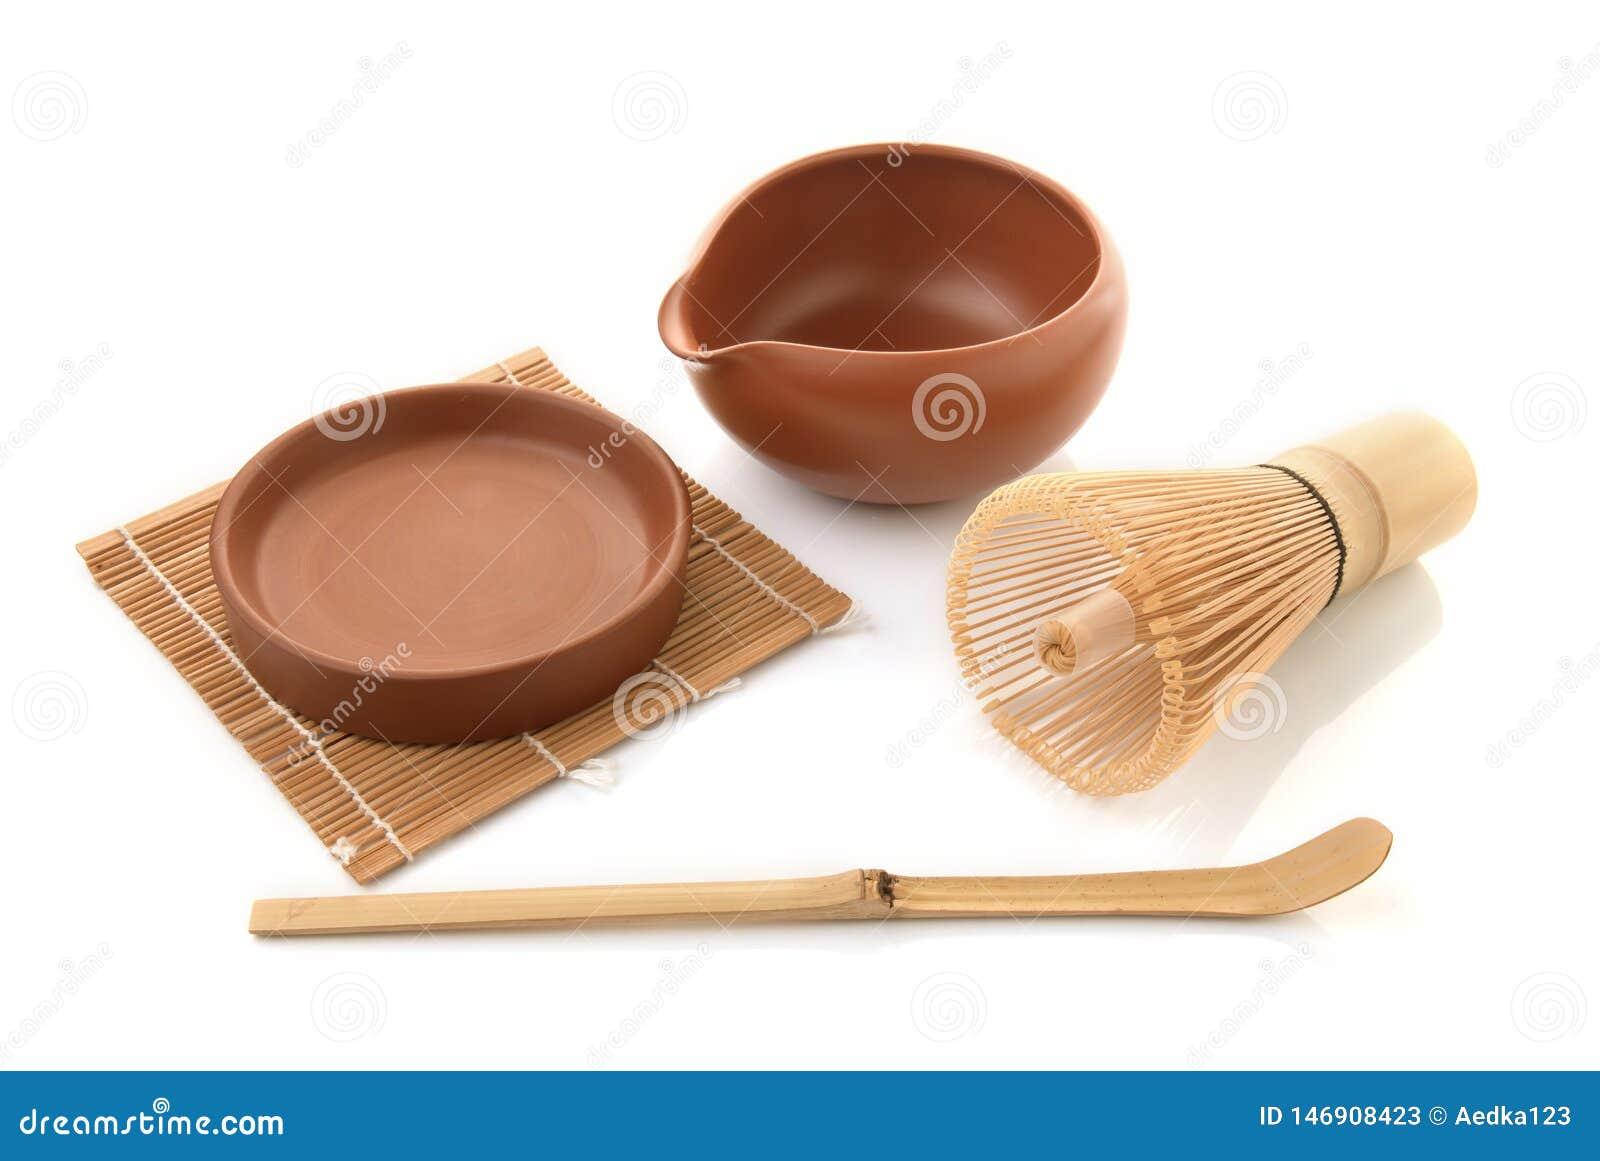 Bambute viftar för matcha på vit bakgrund, traditionell kultur av japansk matchateaware